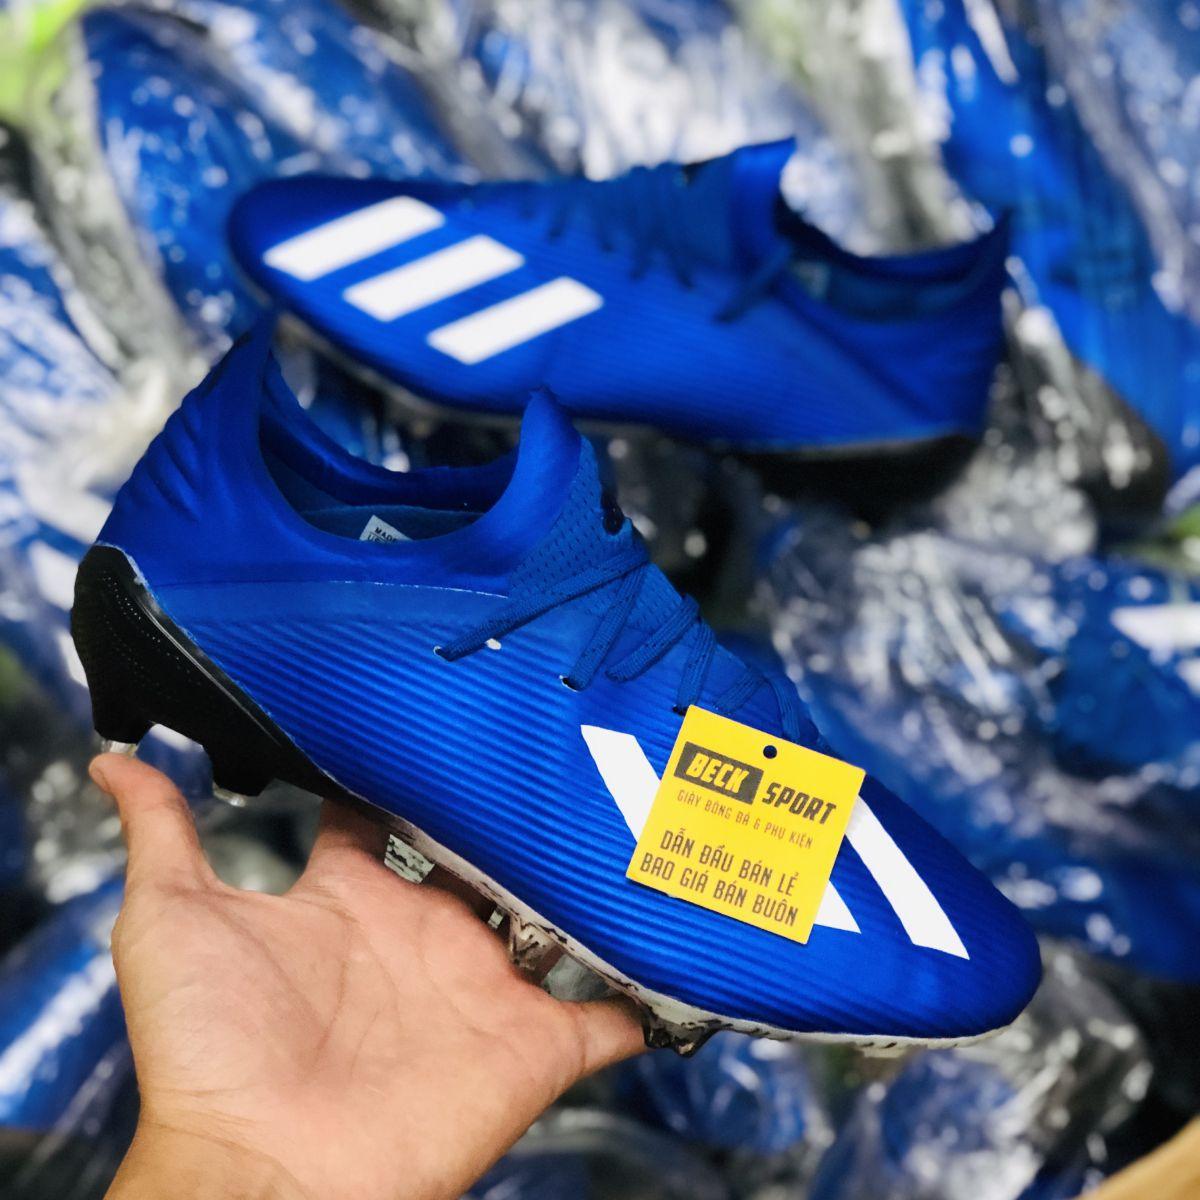 Giày Bóng Đá Adidas X 19.1 Xanh Biển Vạch Trắng Đế Đen FG